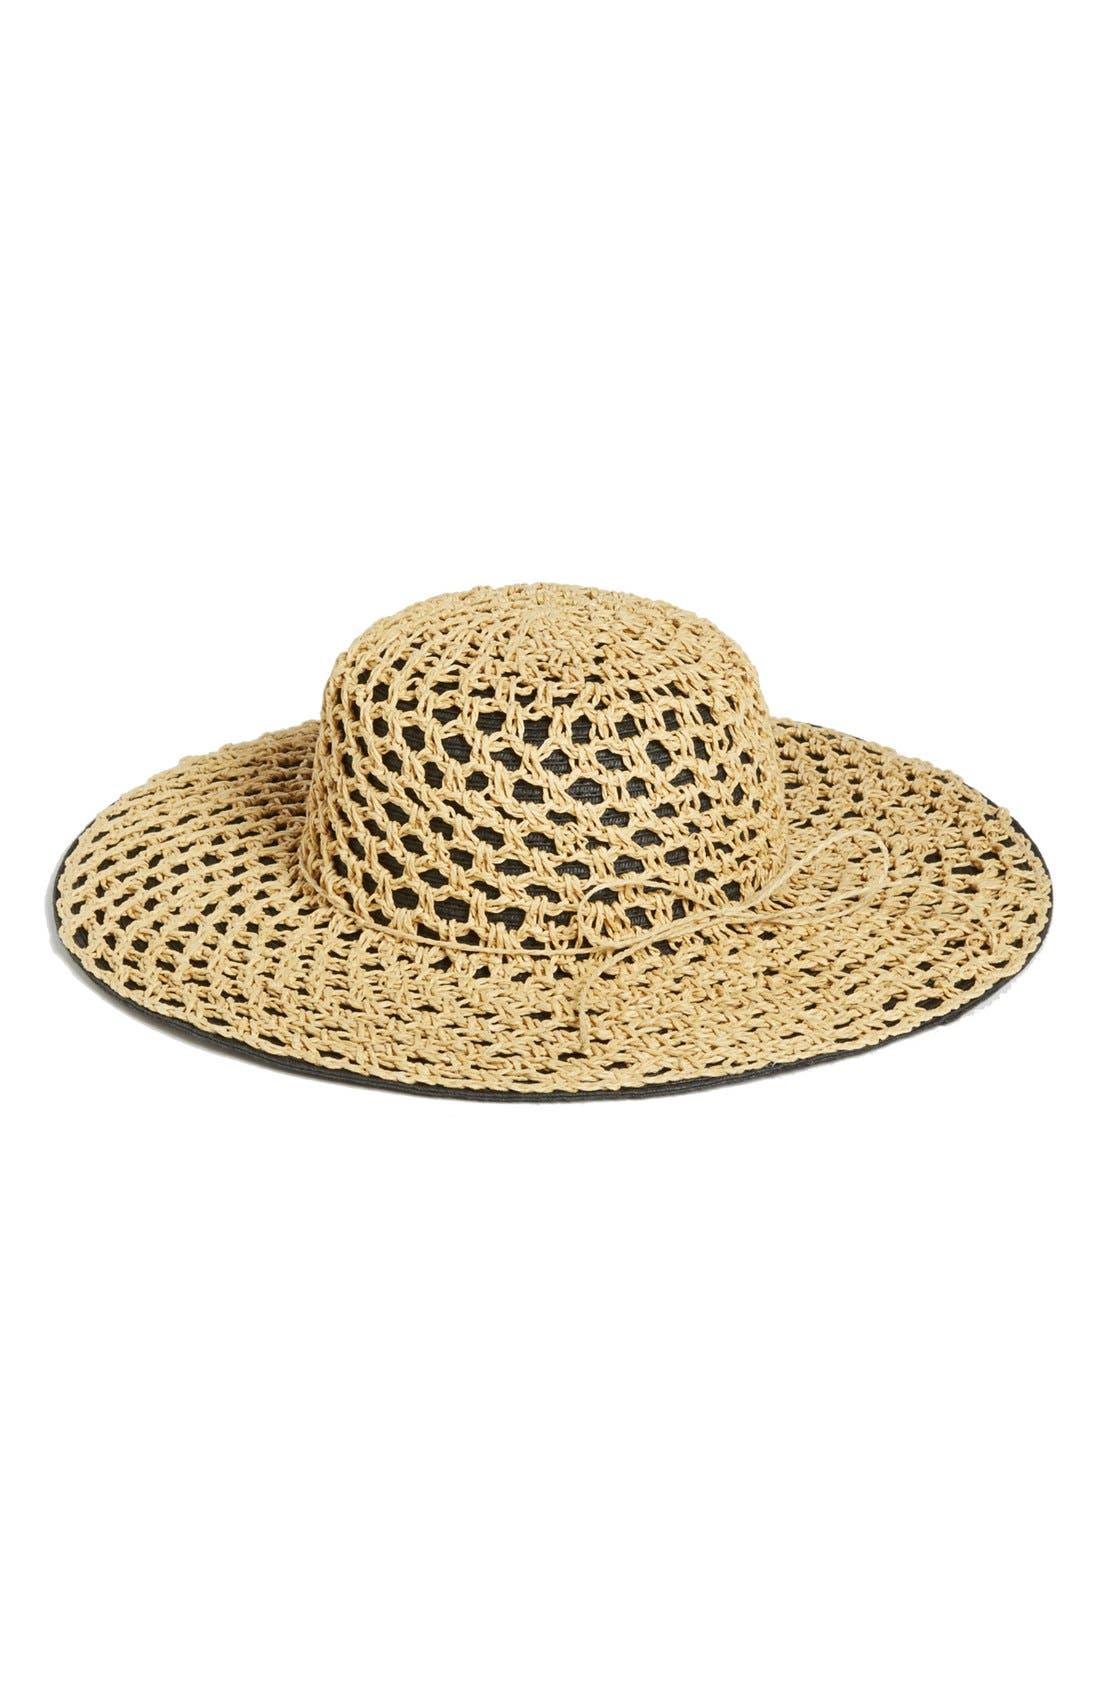 Alternate Image 1 Selected - Nordstrom Crochet Sun Hat